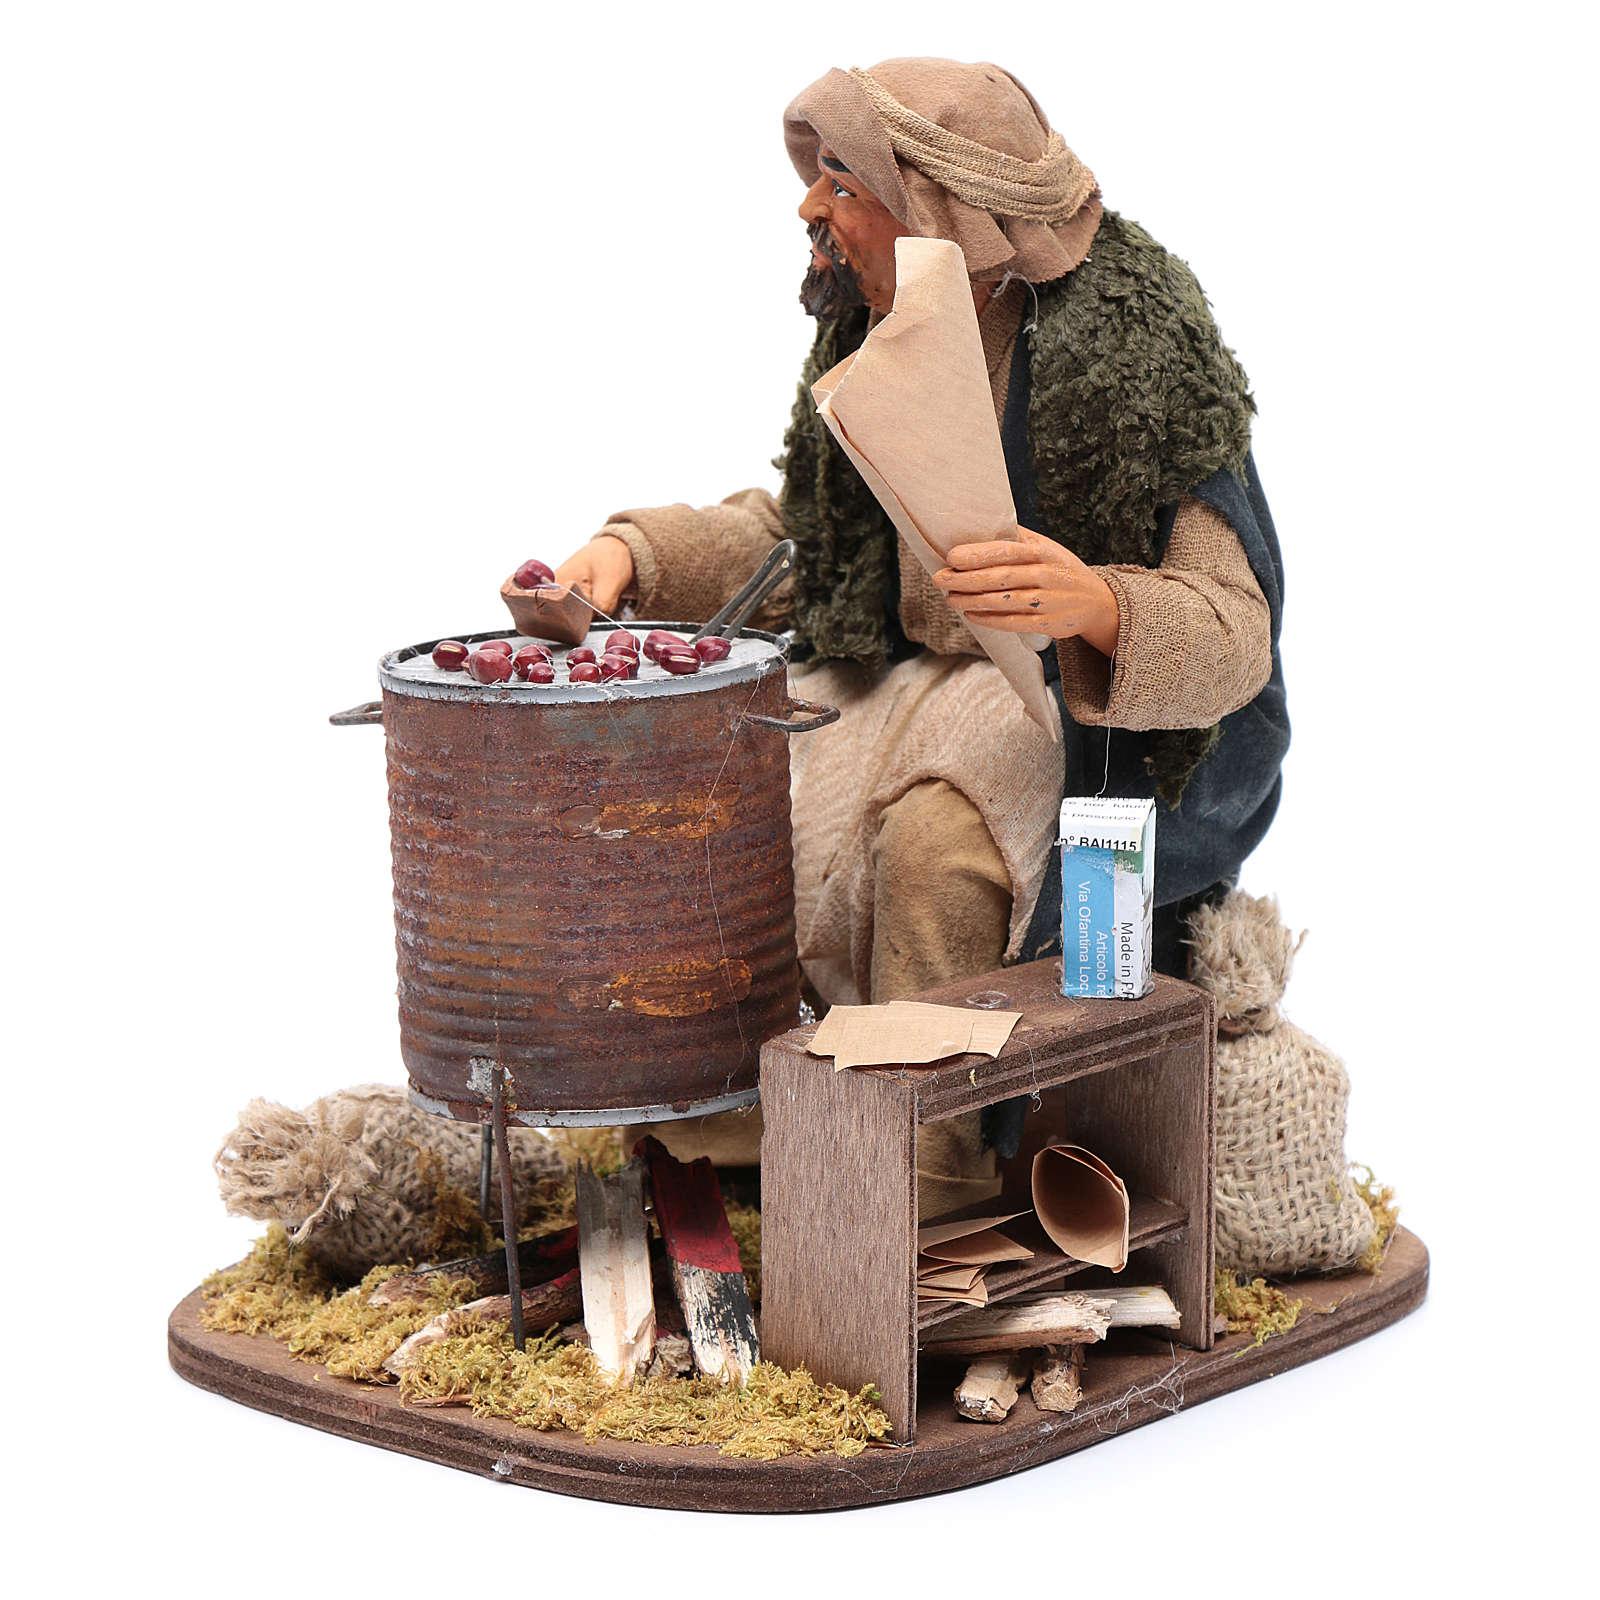 Chestnut seller 30 cm for Neapolitan nativity scene 4